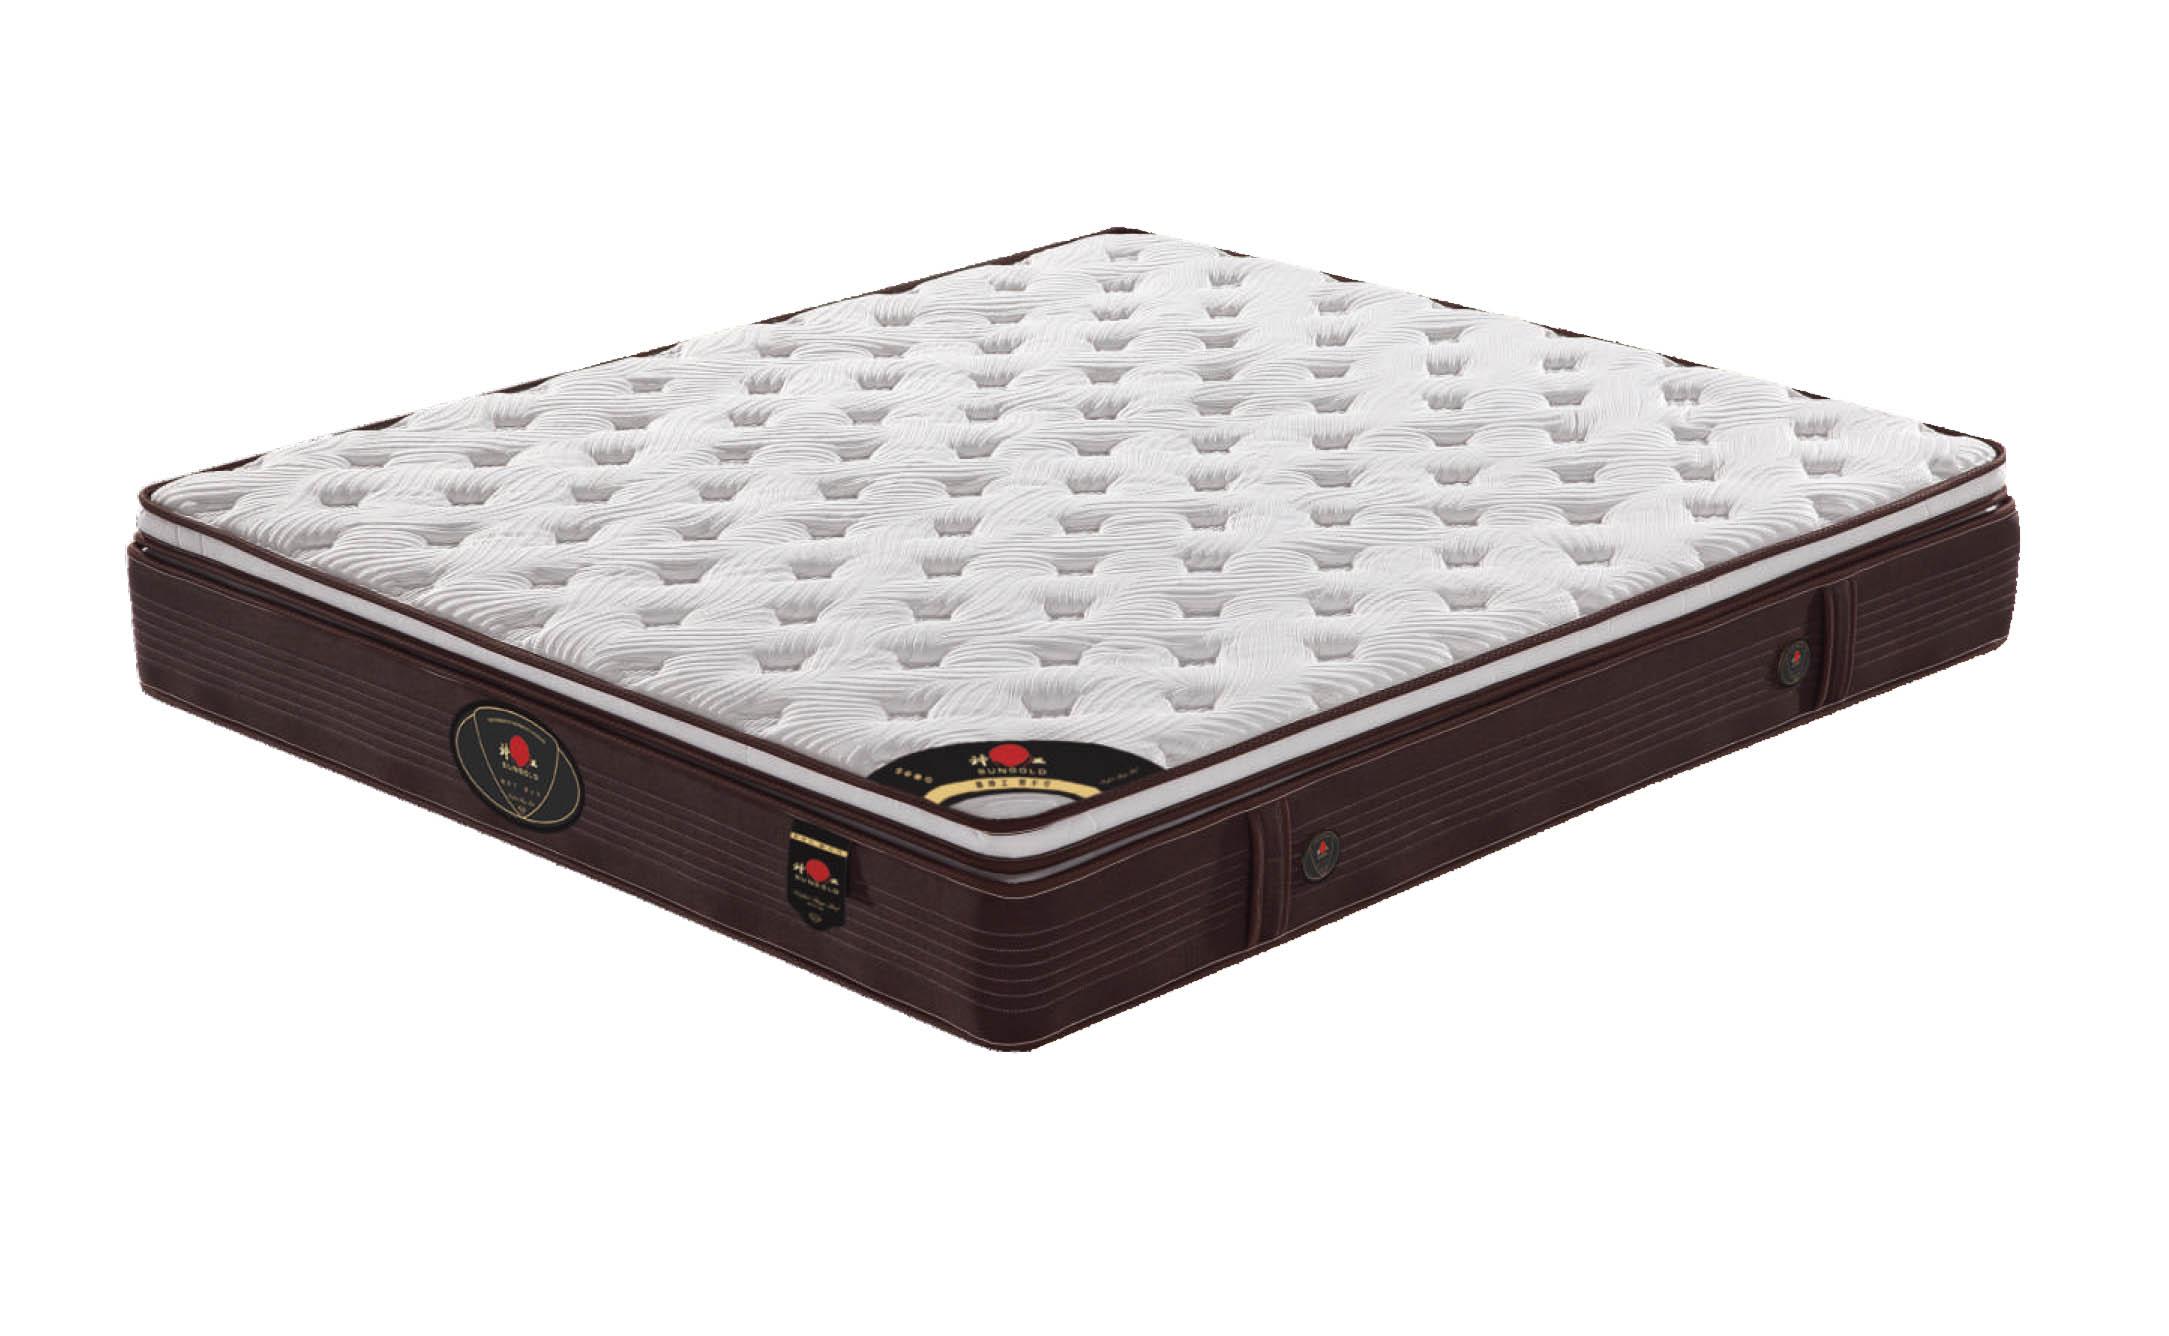 云南神工床垫厂说床垫并不是越贵越好